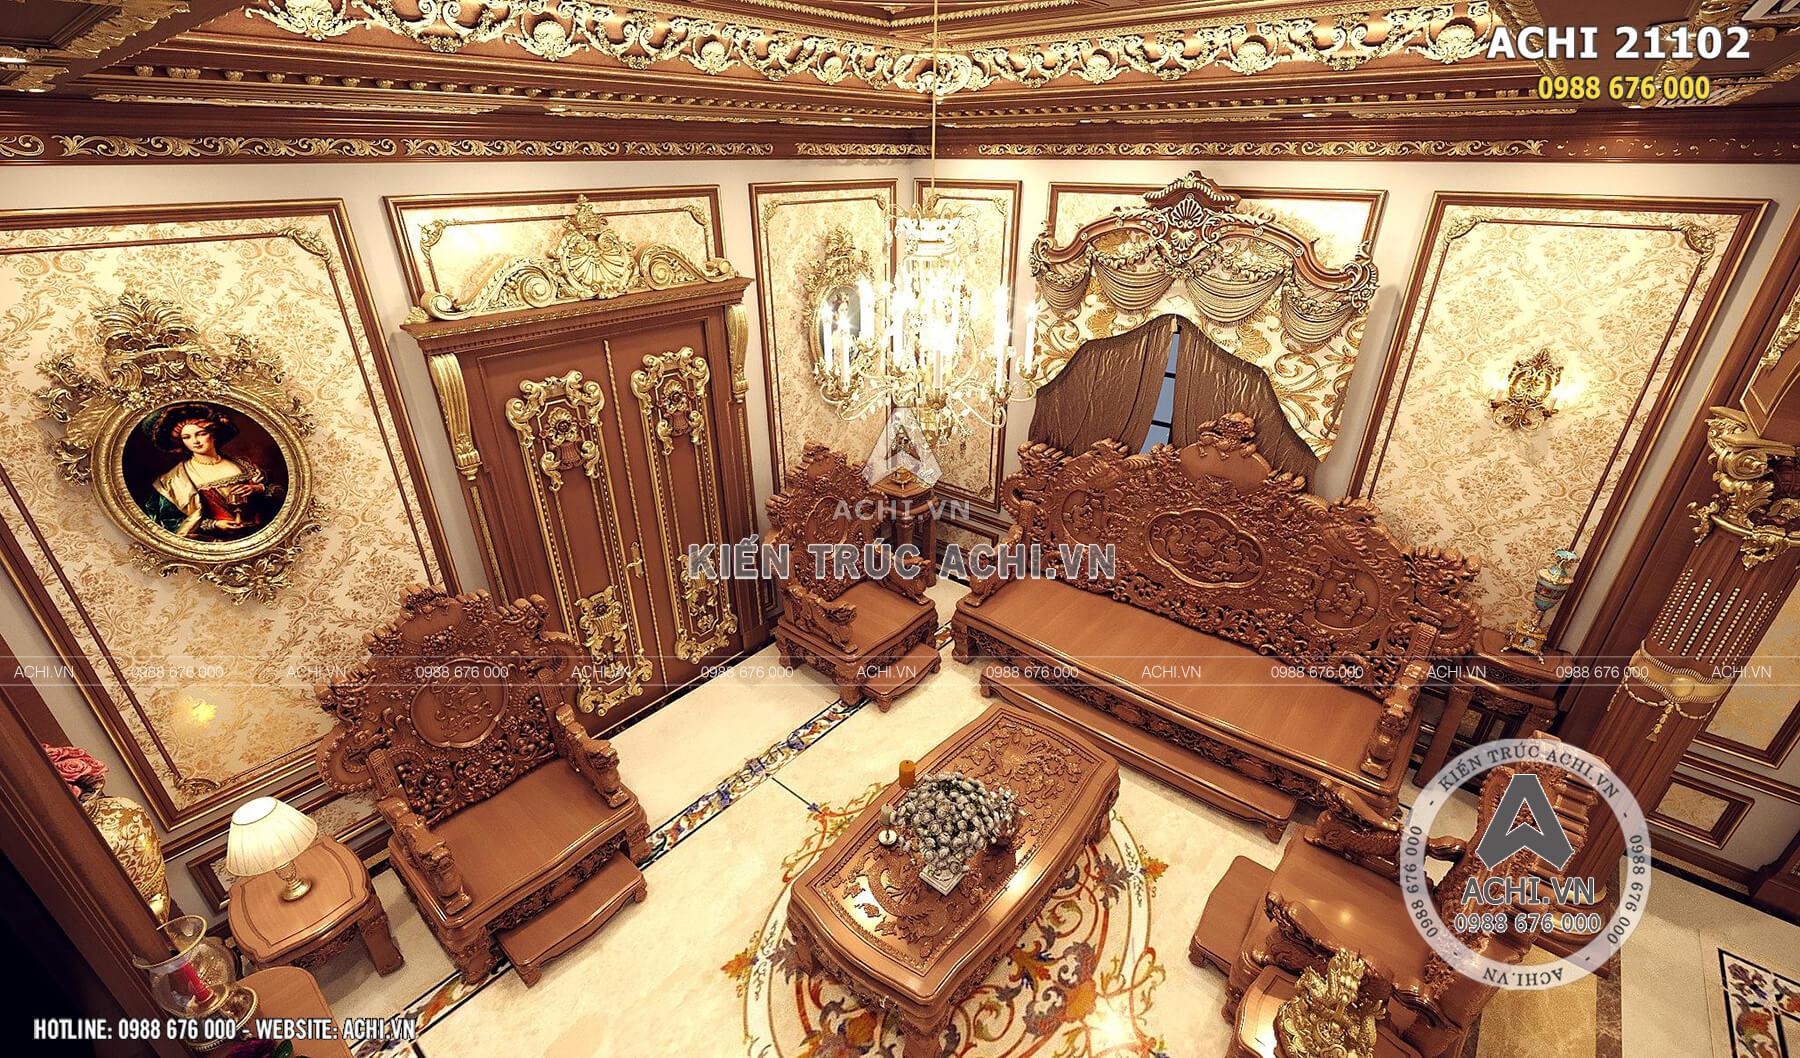 Thiết kế nội thất tân cổ điển đẹp của mẫu thiết kế lâu đài 2 tầng